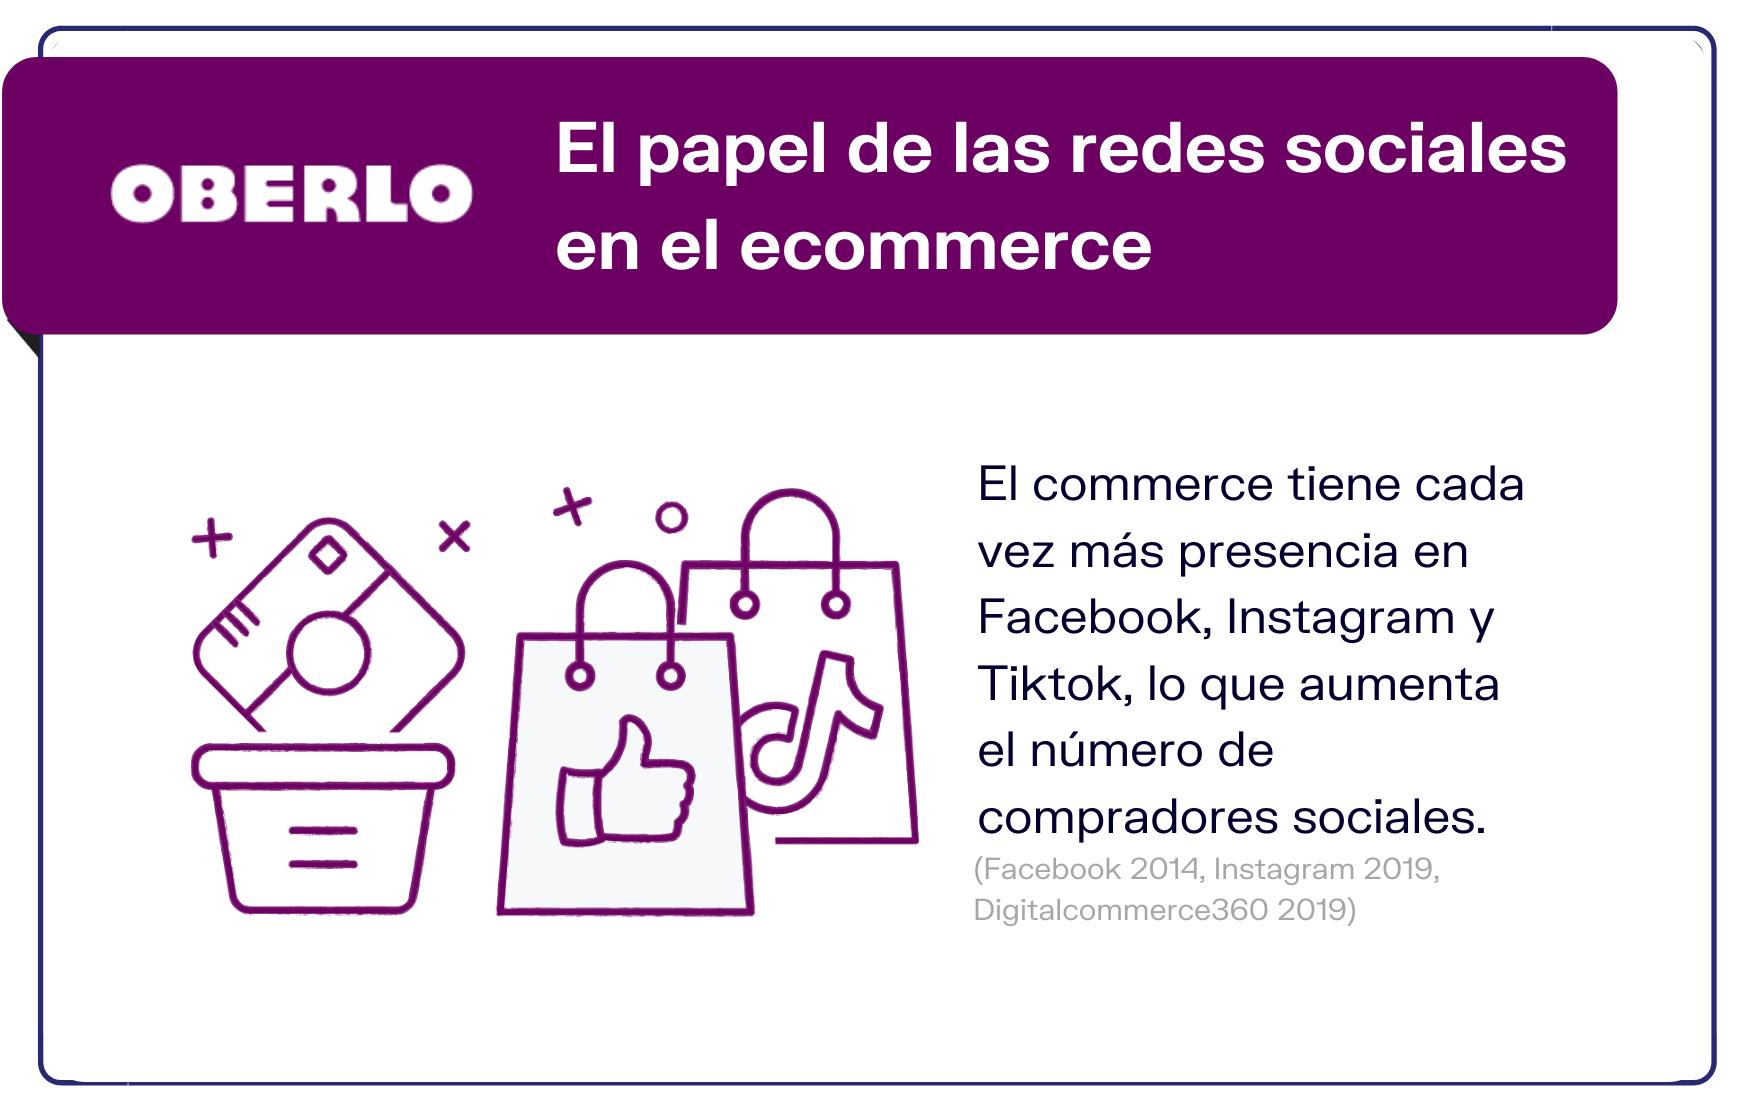 5-Tendencias-actuales-del-comercio-electrónico-Evolución-del-rol-de-las-redes-sociales-en-el-ecommerce